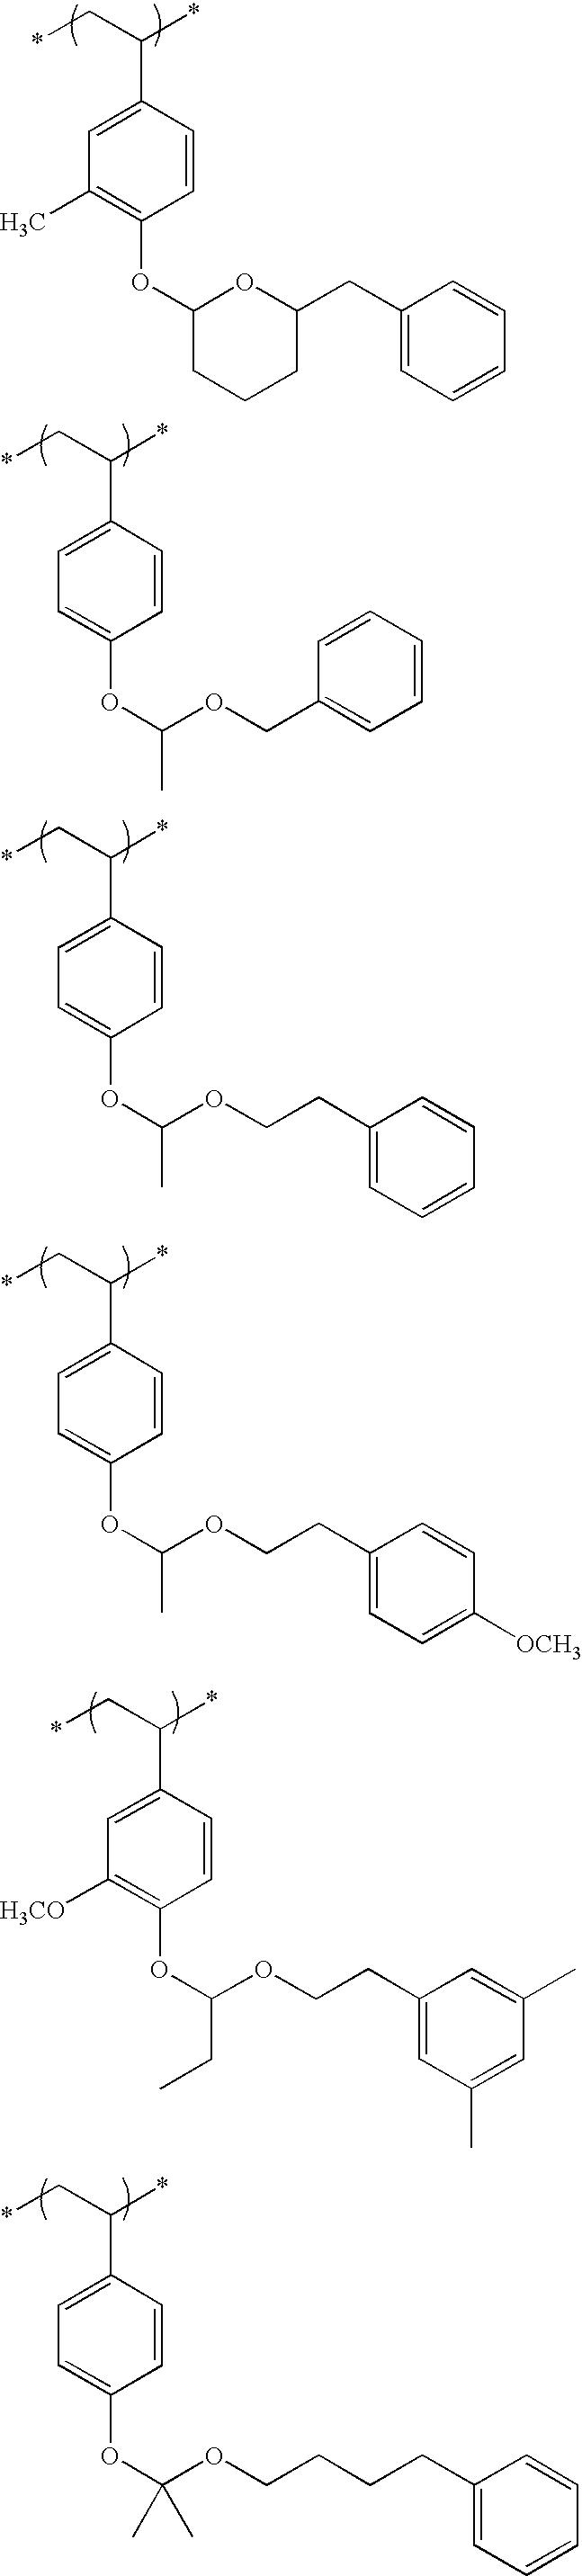 Figure US20100183975A1-20100722-C00088